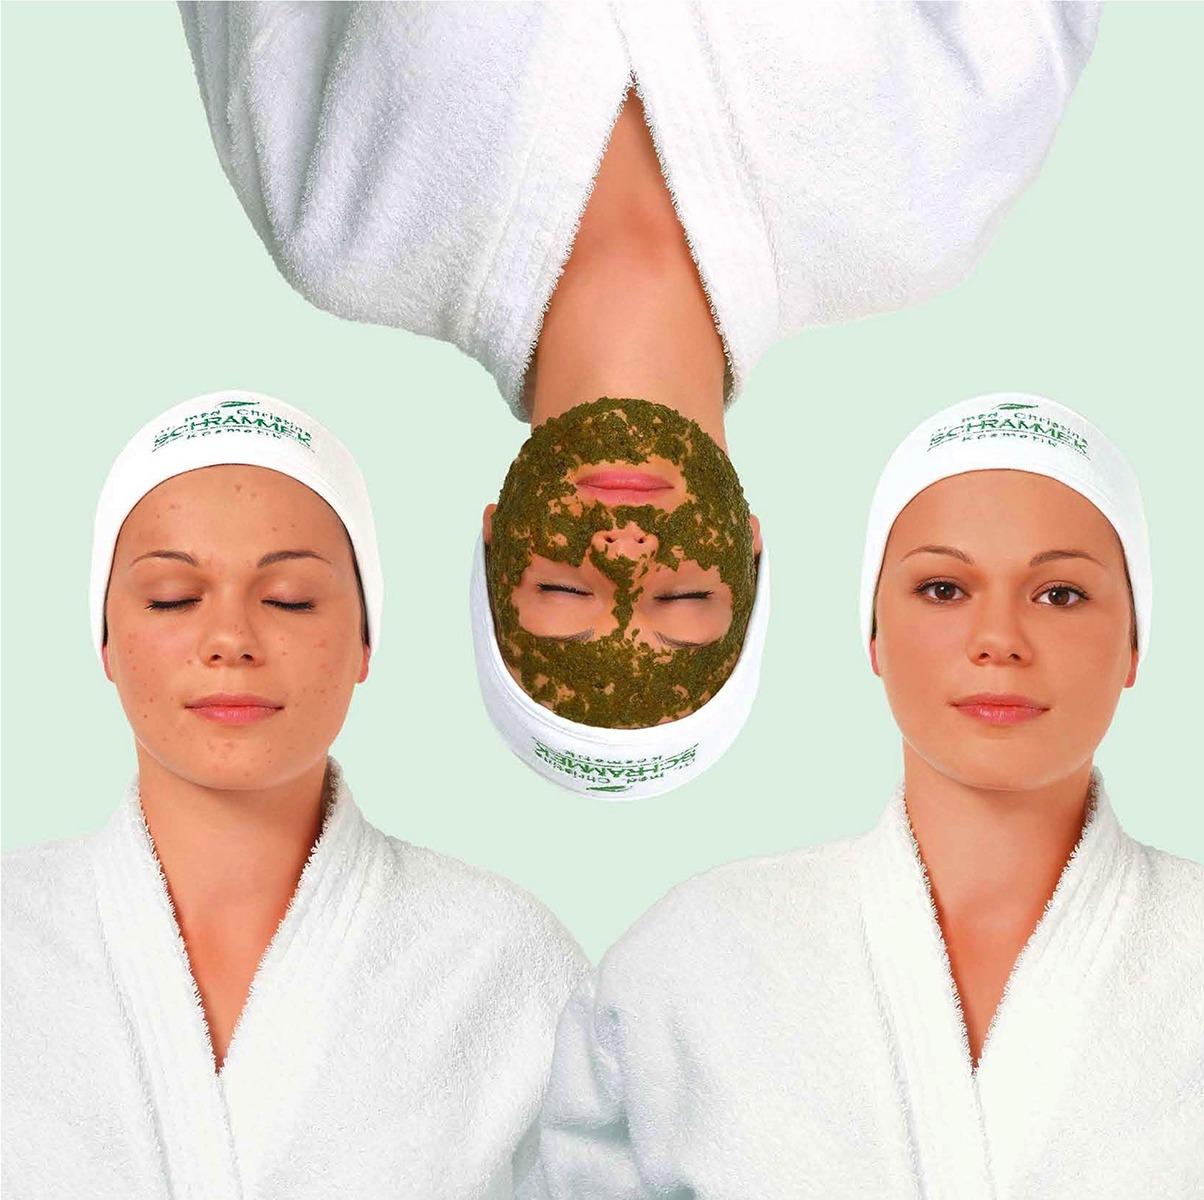 Green Peels skin care